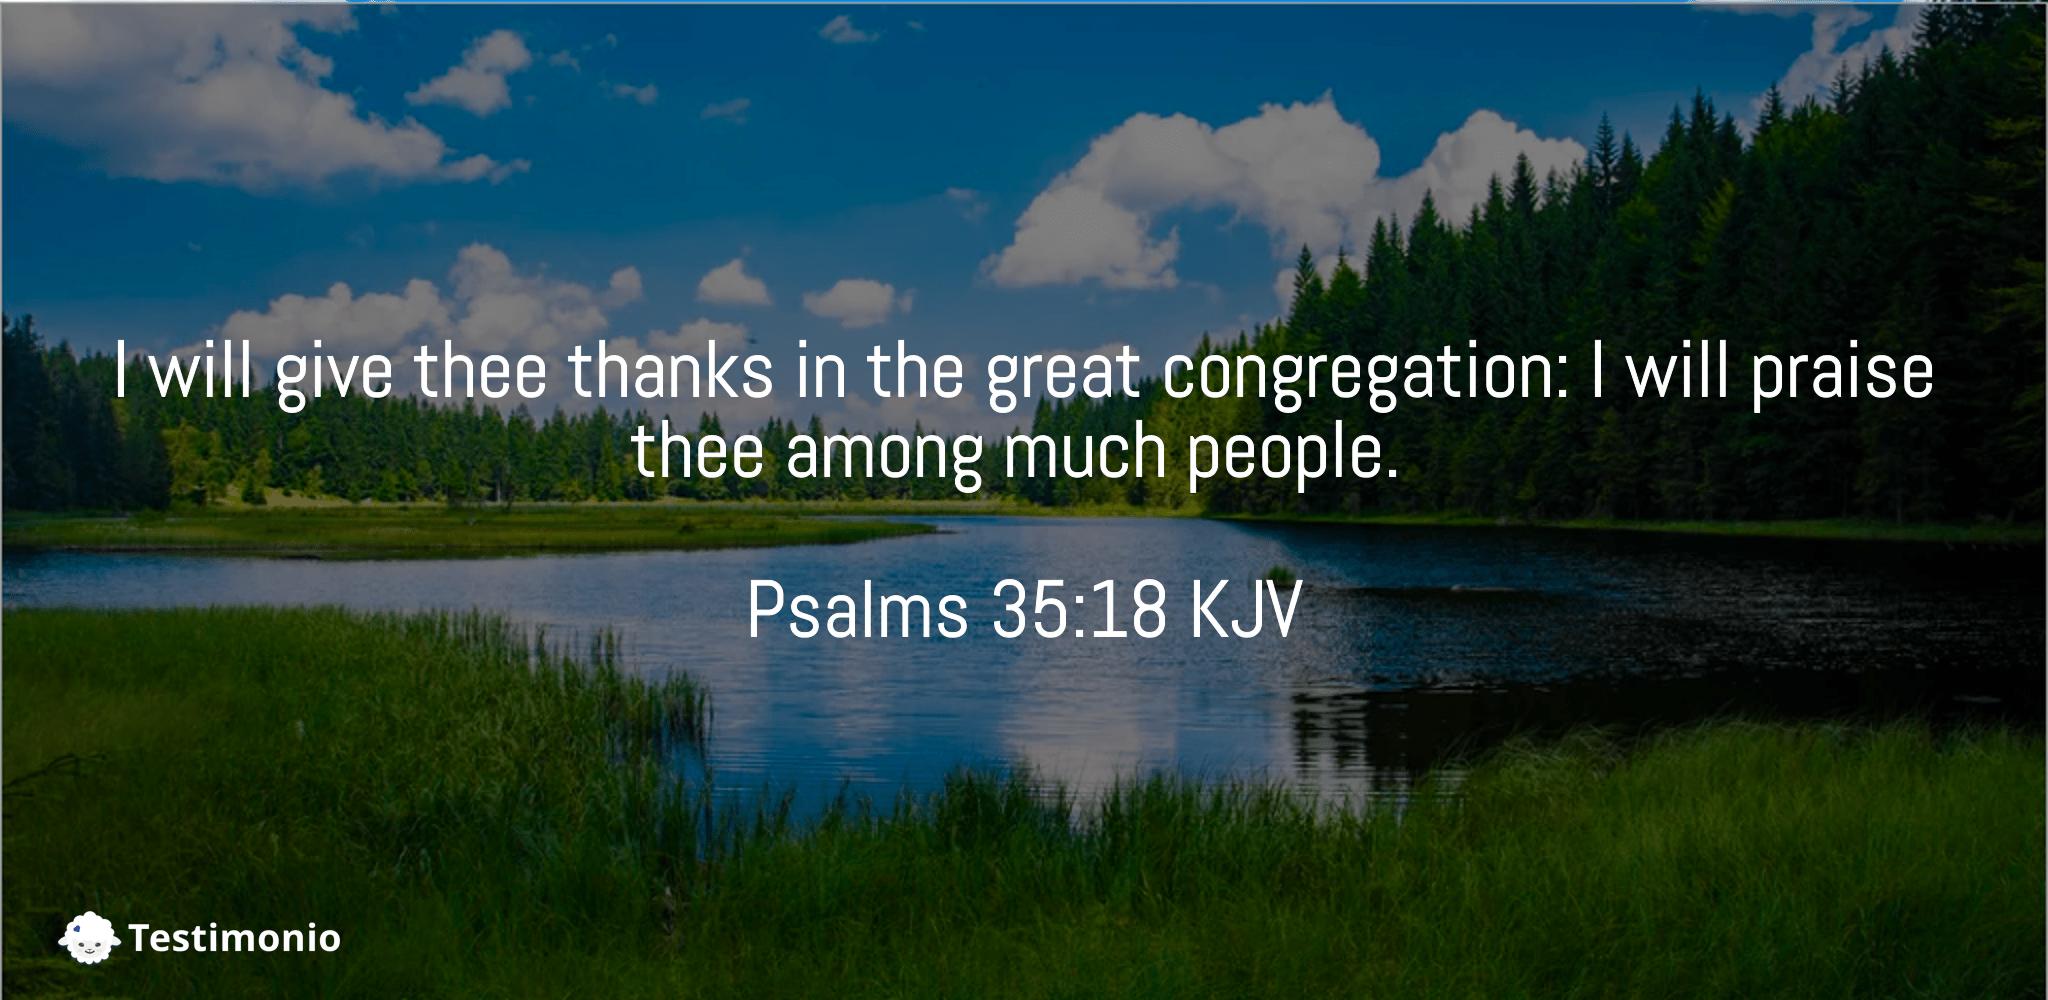 Psalms 35:18